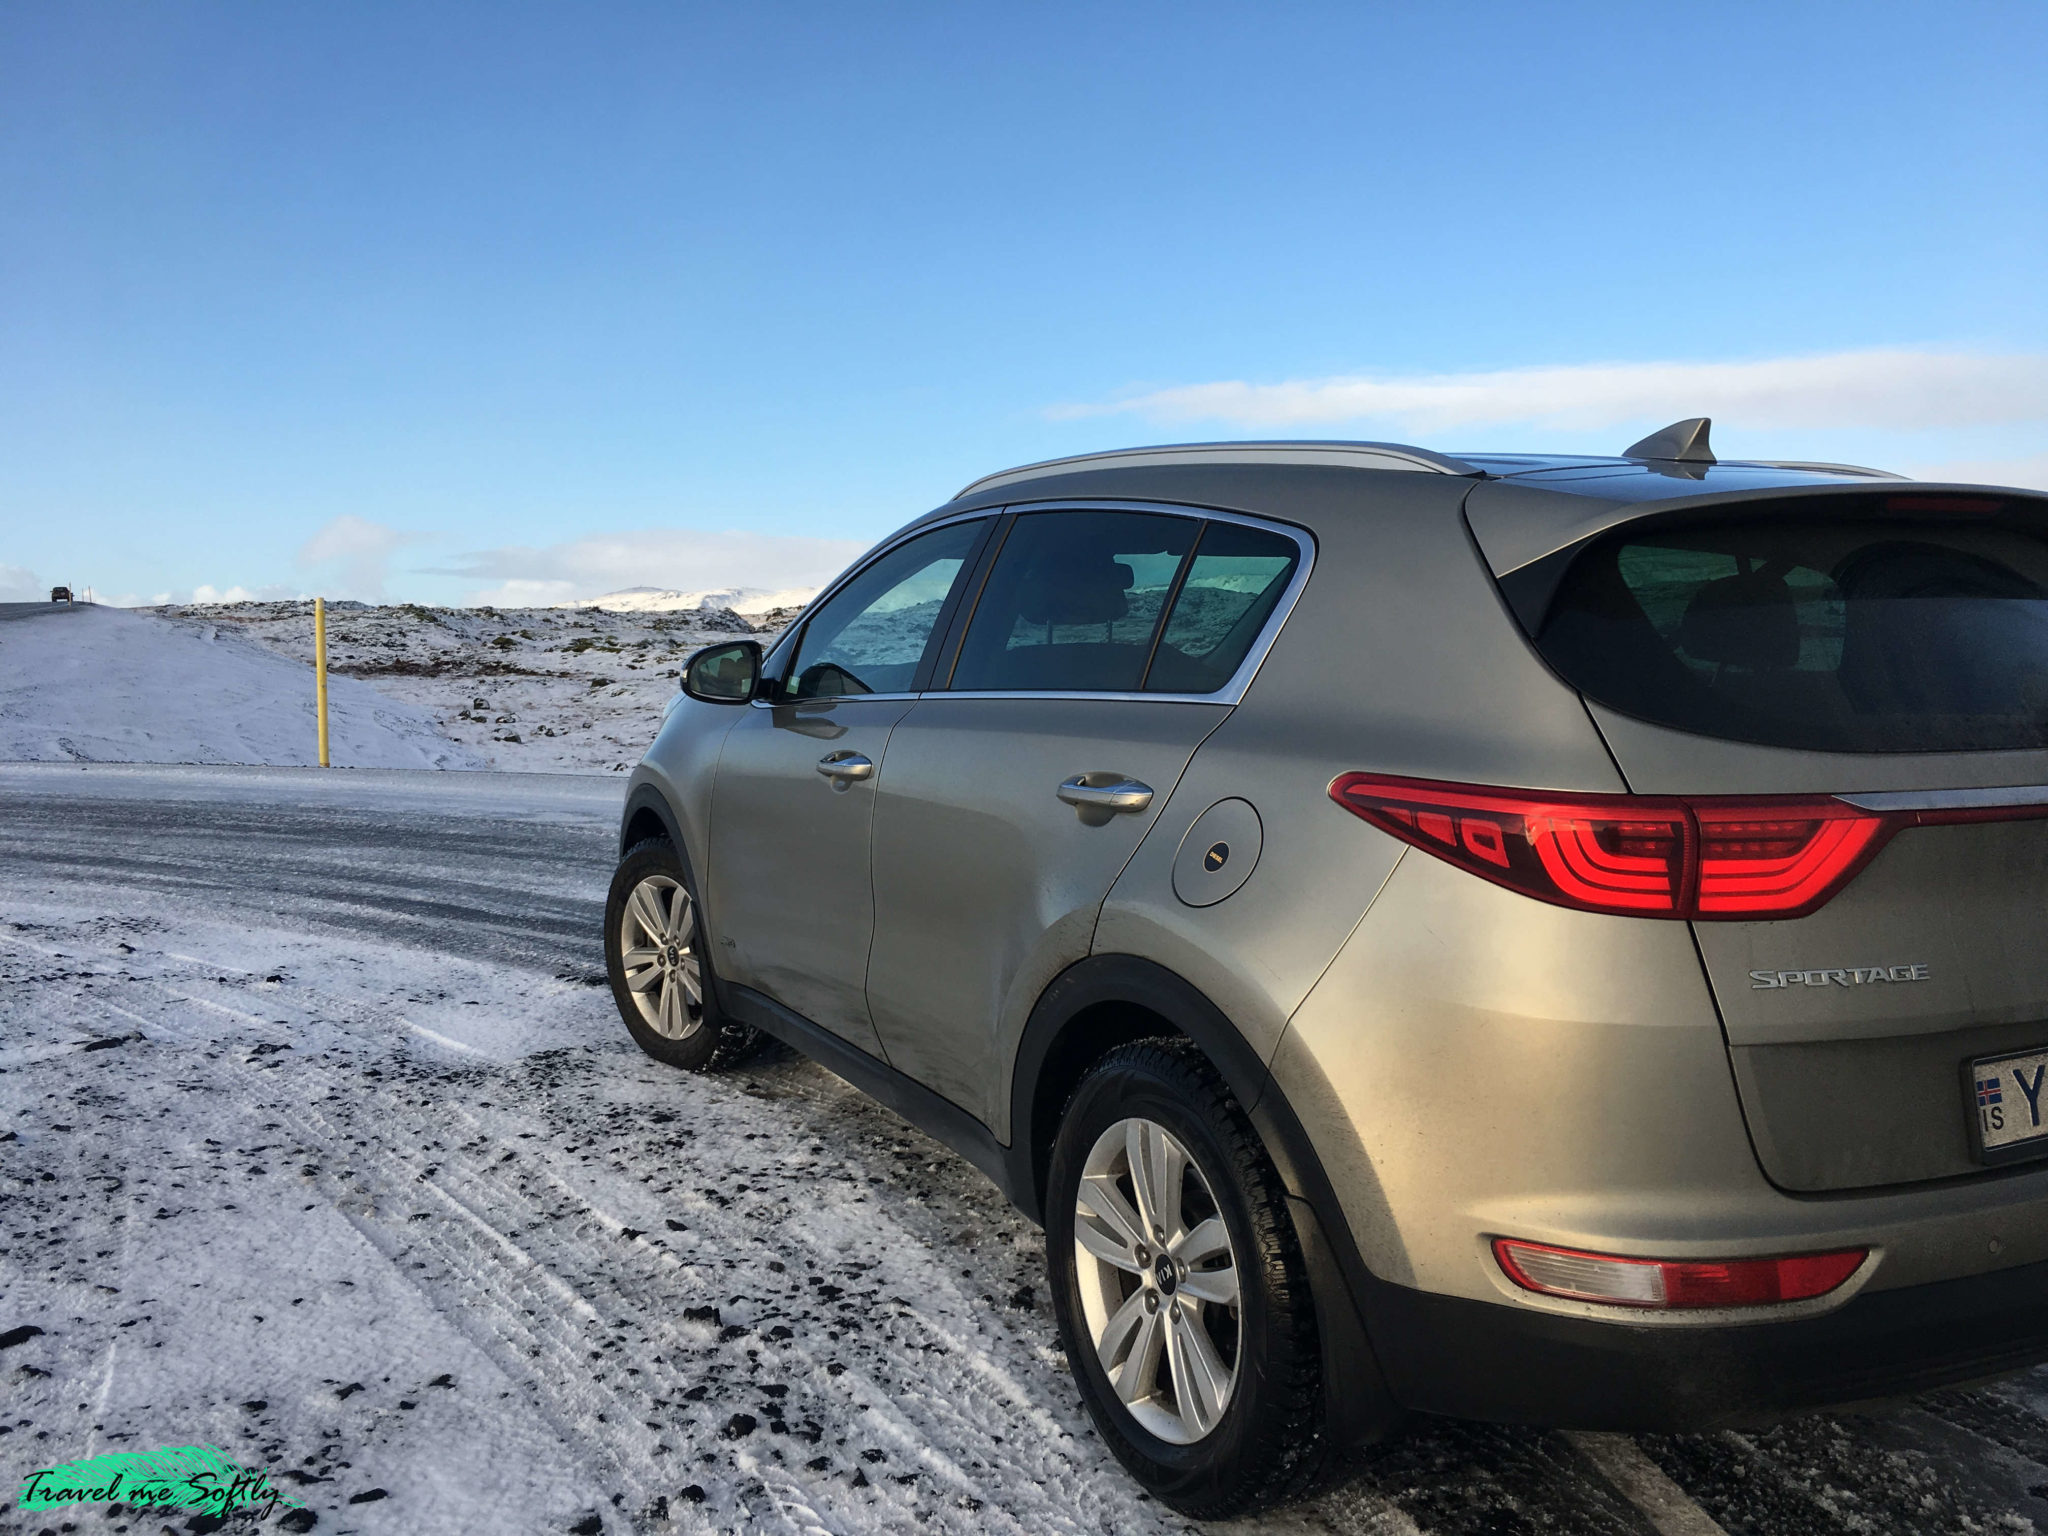 conducir en islandia en invierno con nieve